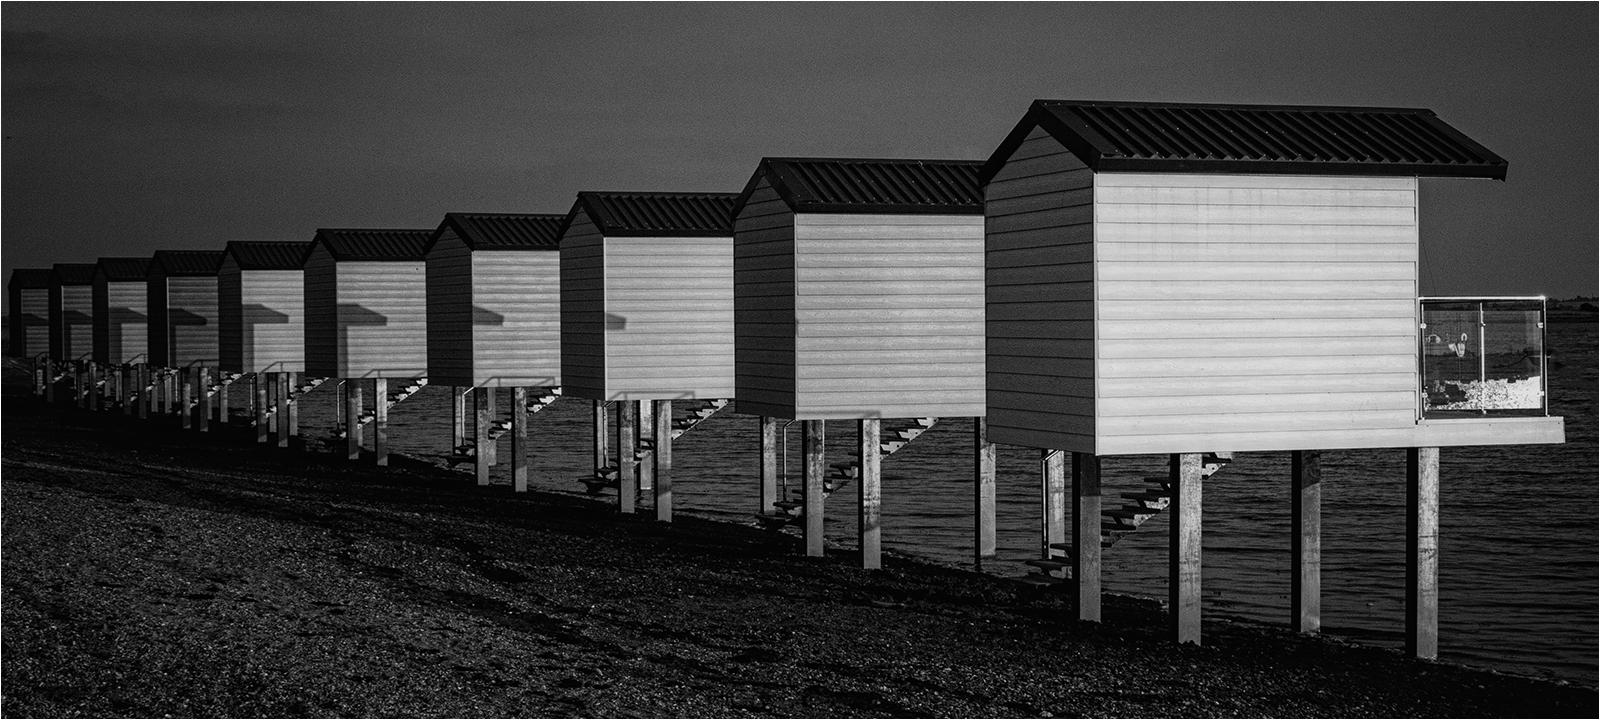 Stilted beach huts